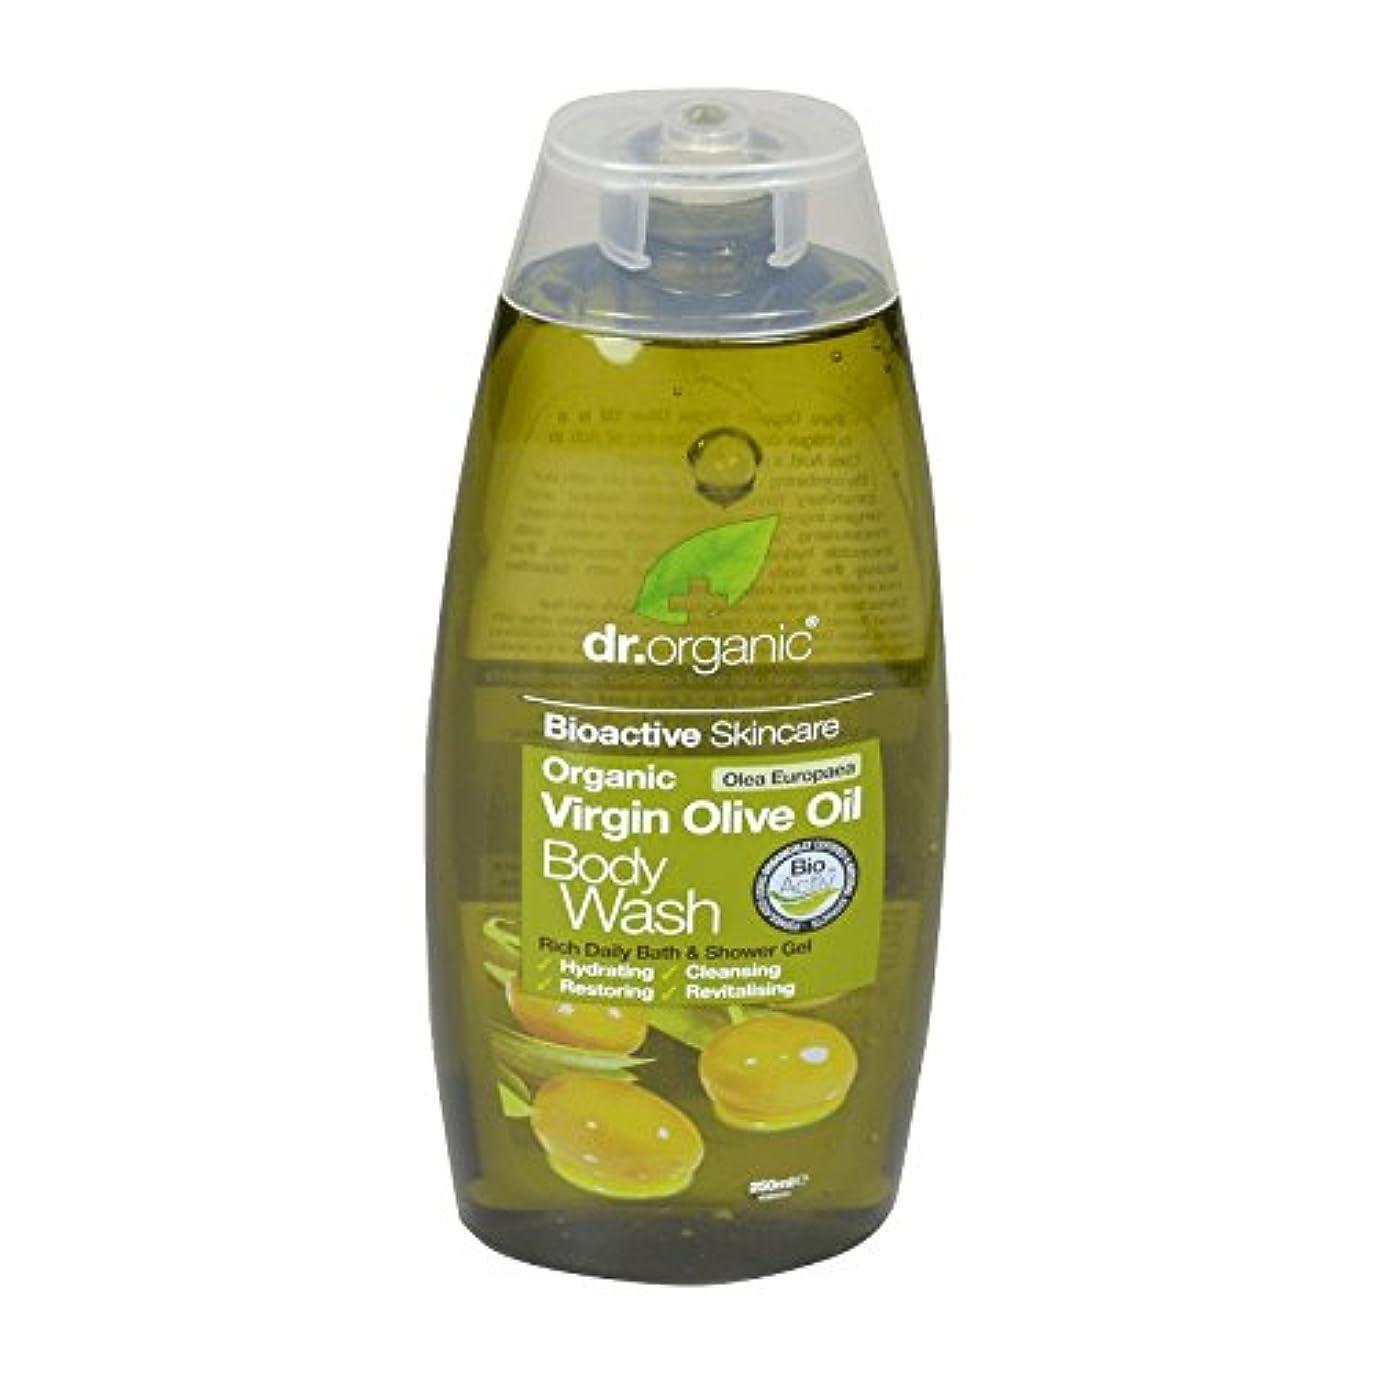 管理する行進ピッチDr有機バージンオリーブオイルボディウォッシュ - Dr Organic Virgin Olive Oil Body Wash (Dr Organic) [並行輸入品]